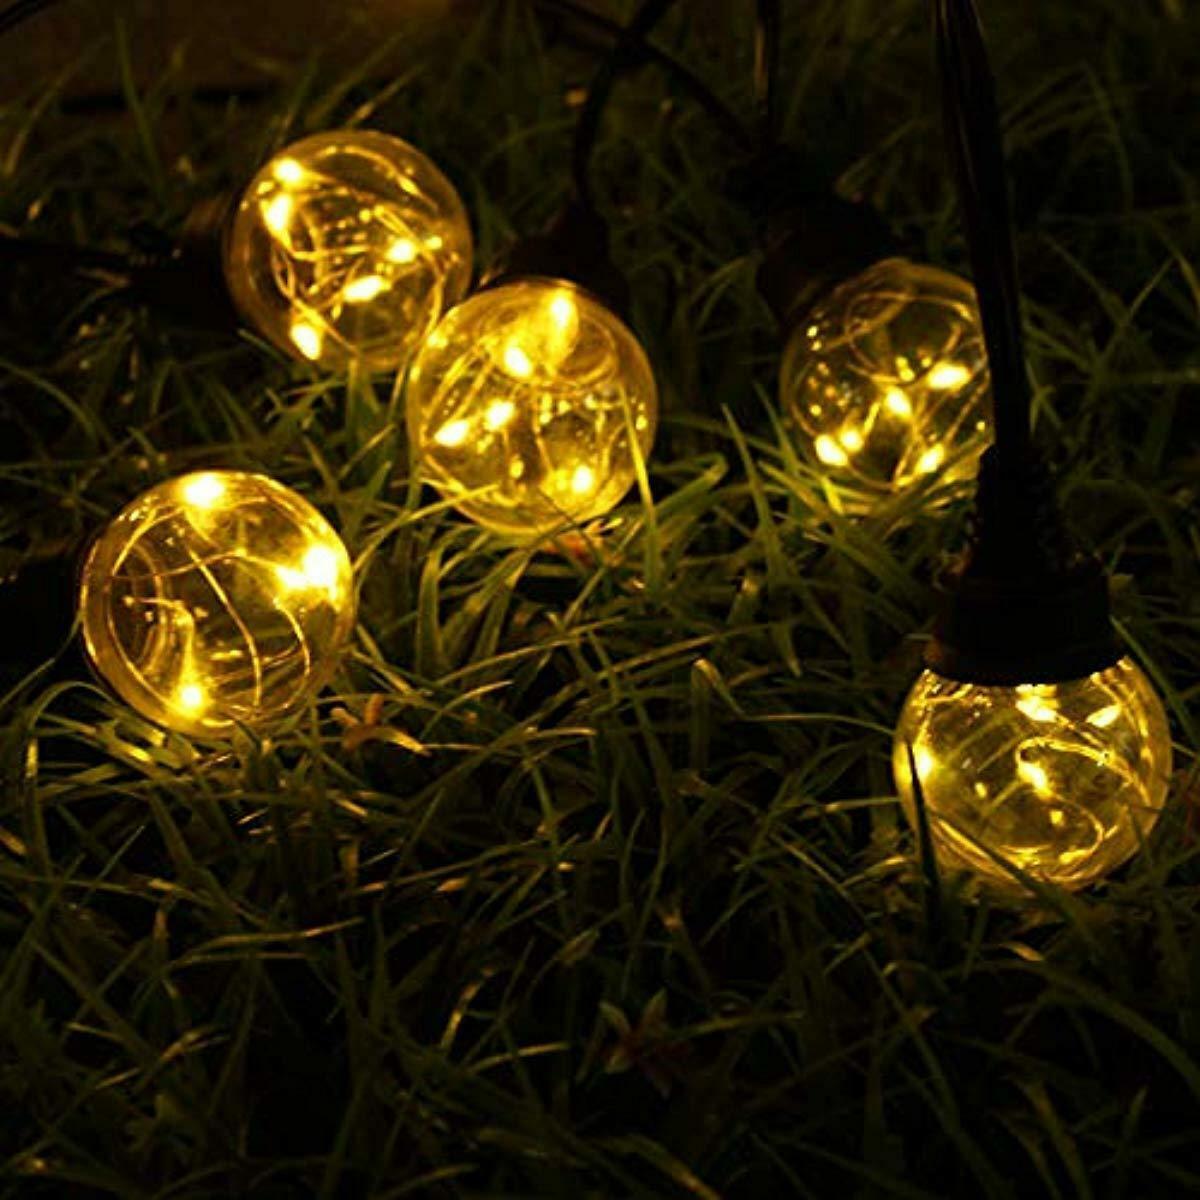 Solmore Guirlande Lumineuse 9.2M 25 Boules Led G45 Ampoule ... destiné Boule Lumineuse Jardin